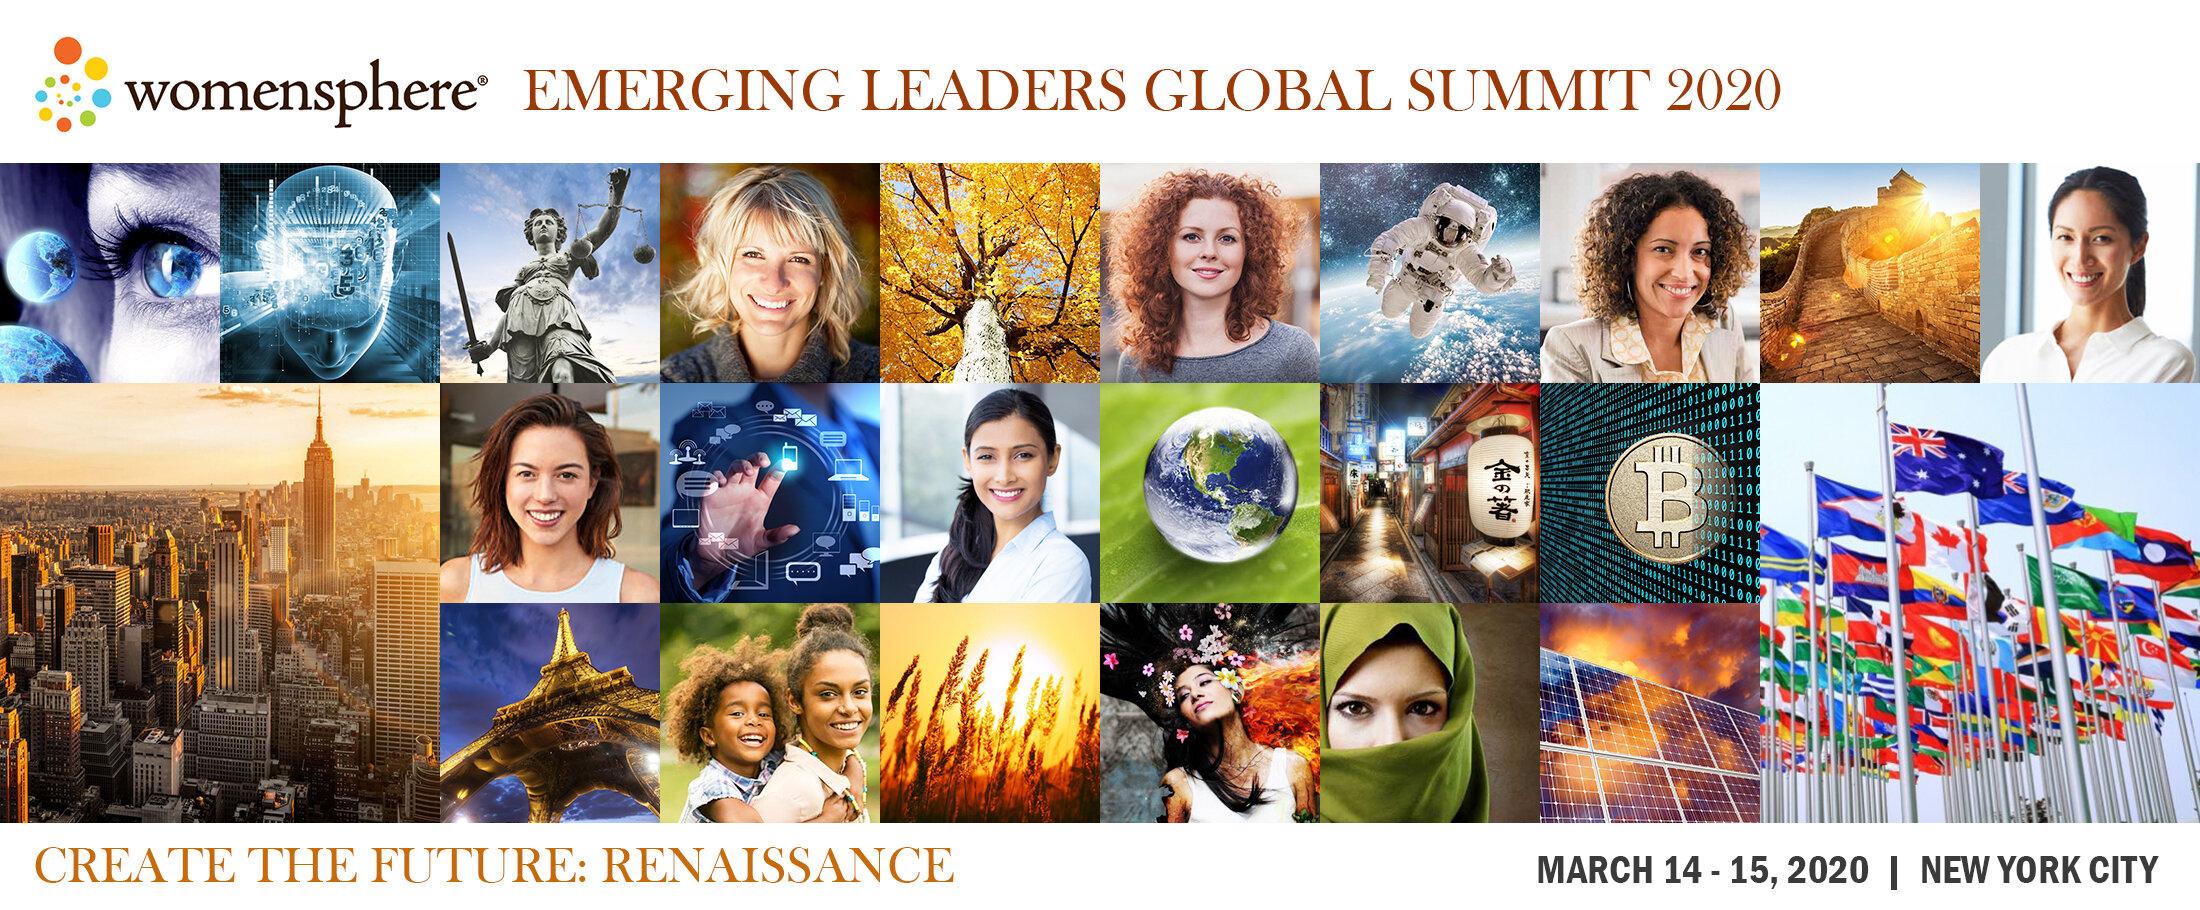 Womensphere Emerging Leaders Global Summit 2020 Banner.jpg